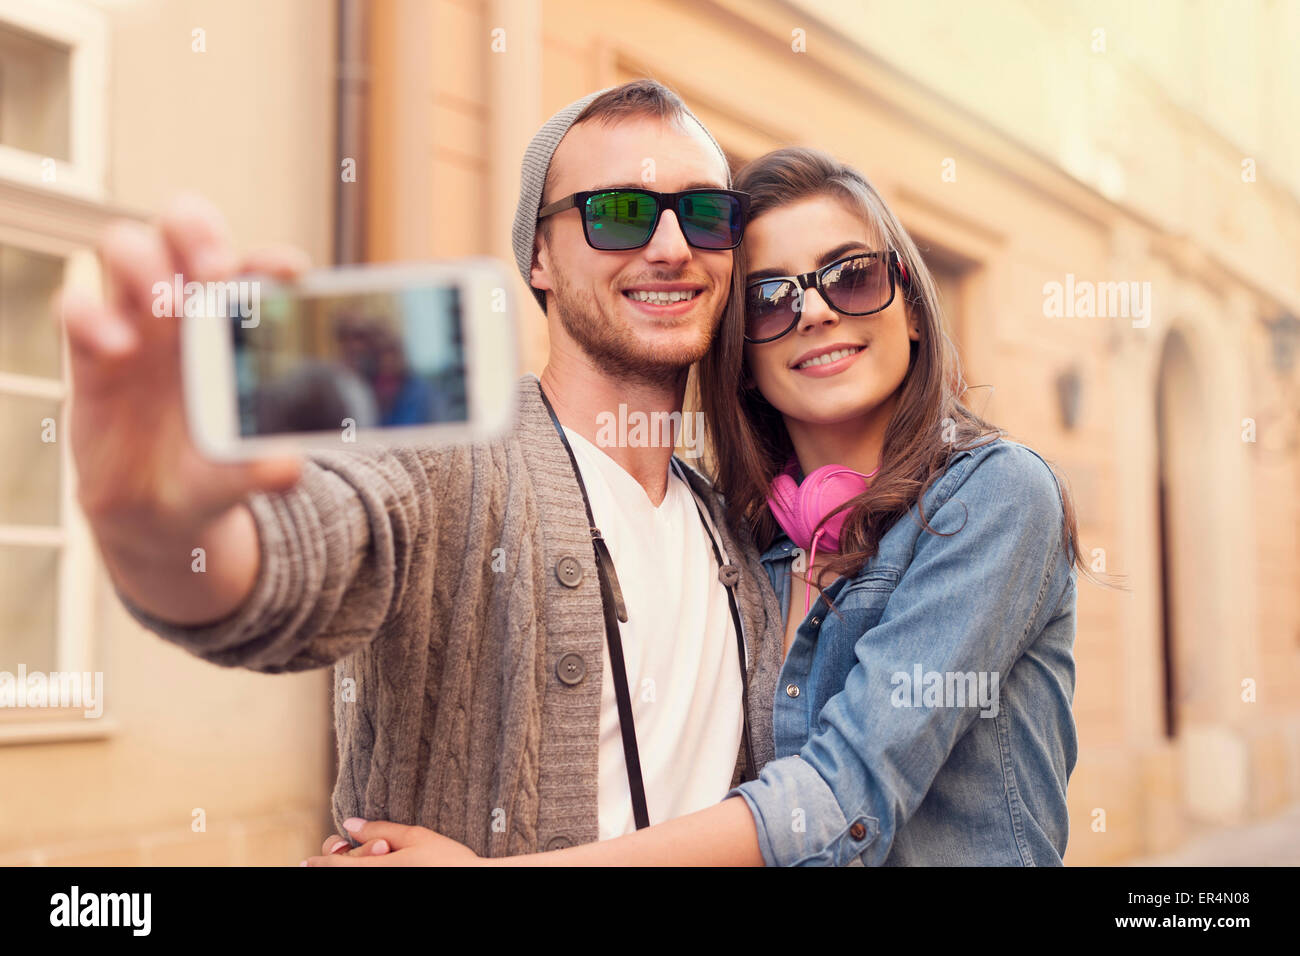 Moda giovane tenendo selfie dal telefono cellulare. Cracovia in Polonia Immagini Stock